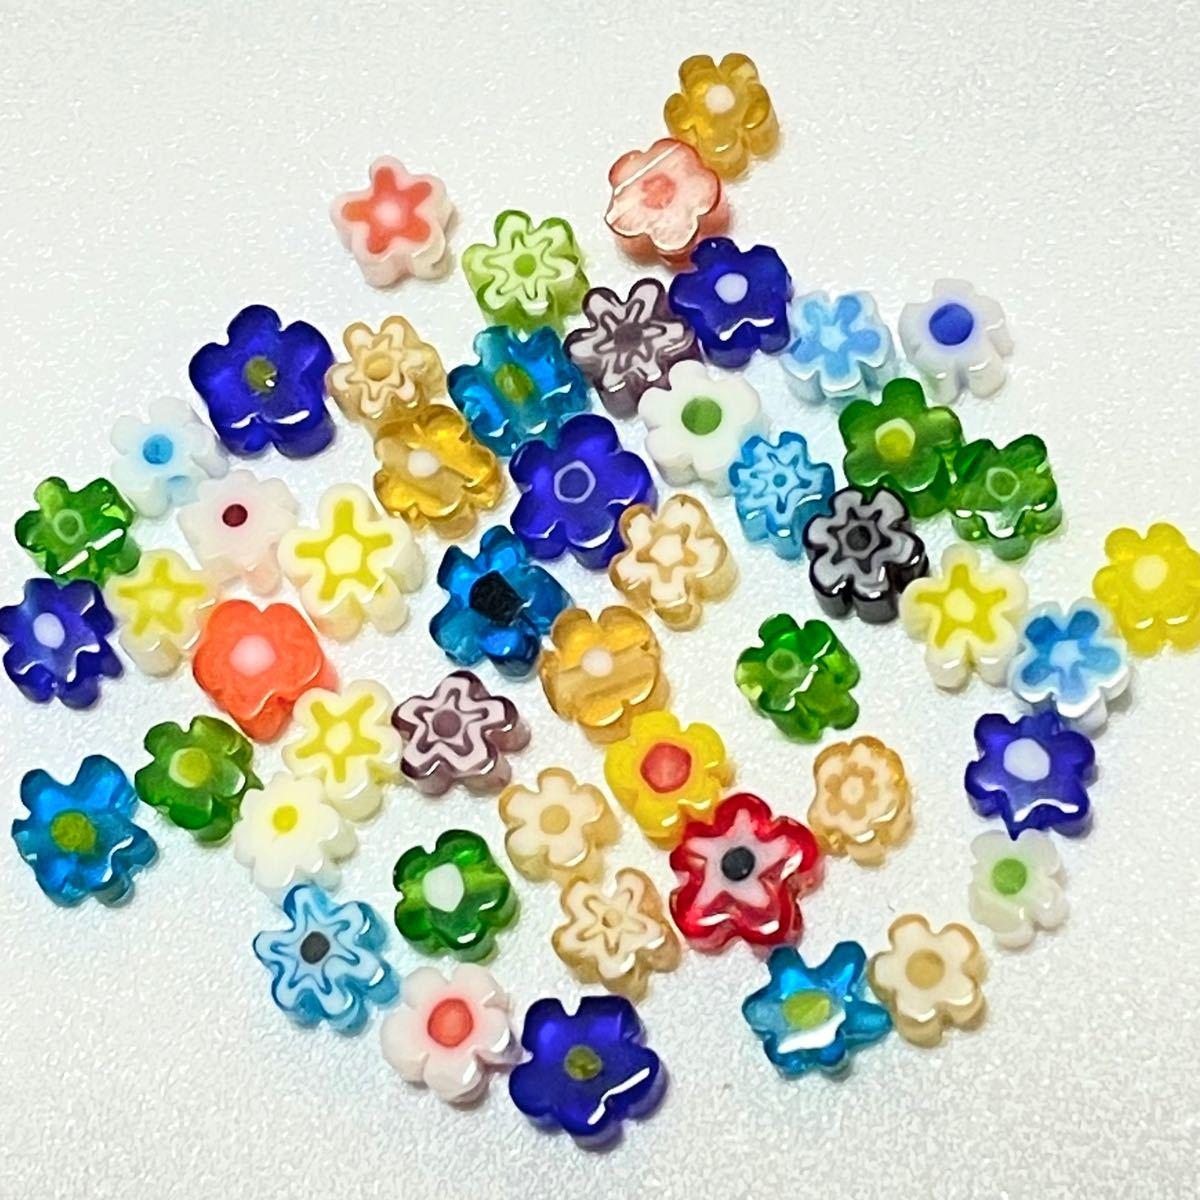 ベネチアンビーズ フラワー 100粒 ハンドメイド ミルフィオリ お花型 フラワービーズ 4mm ミニ カラフル かわいい 韓国